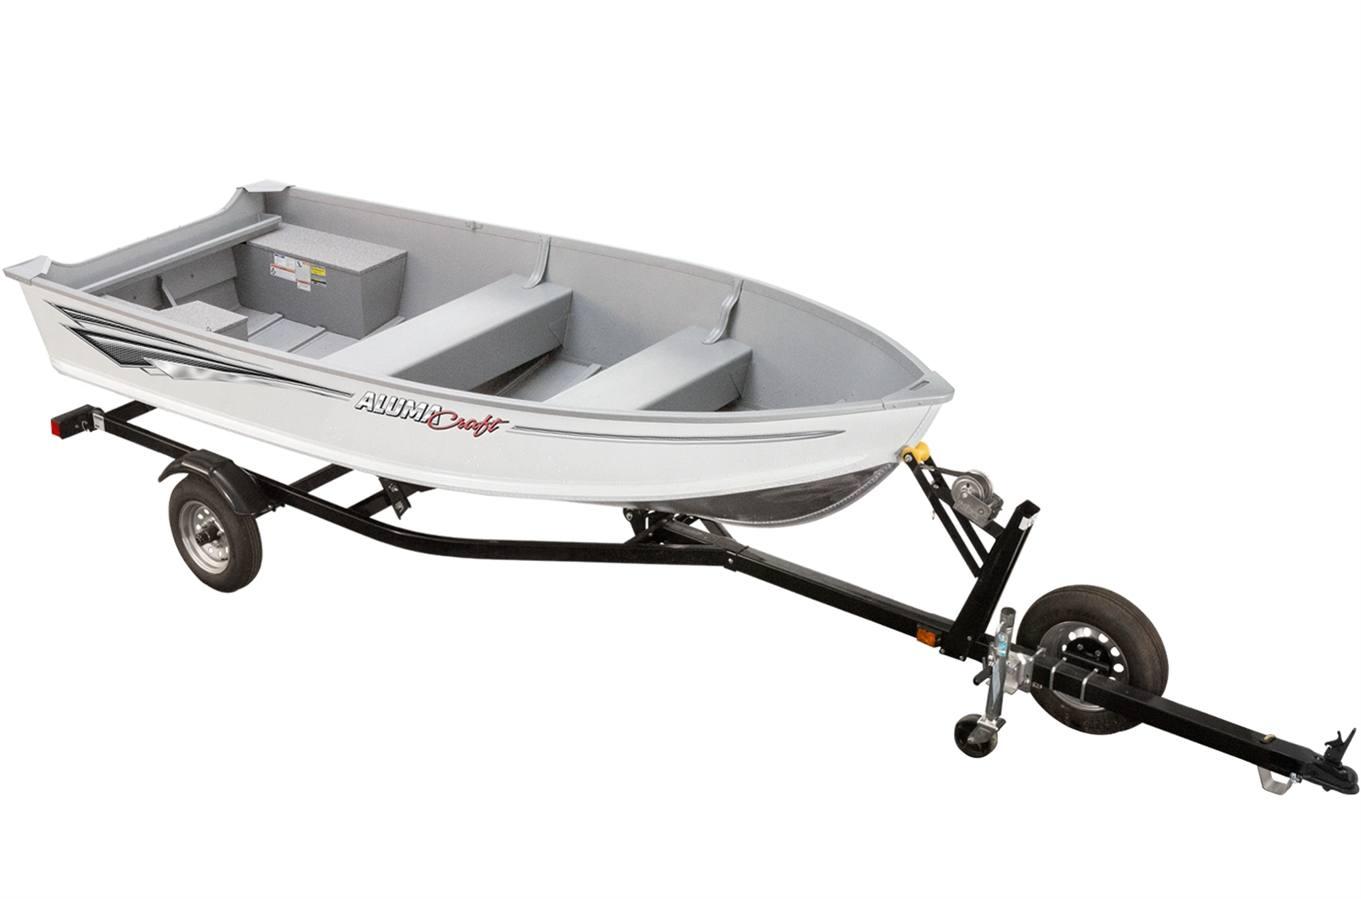 New Alumacraft Models For Sale in Ocala, FL | Millers